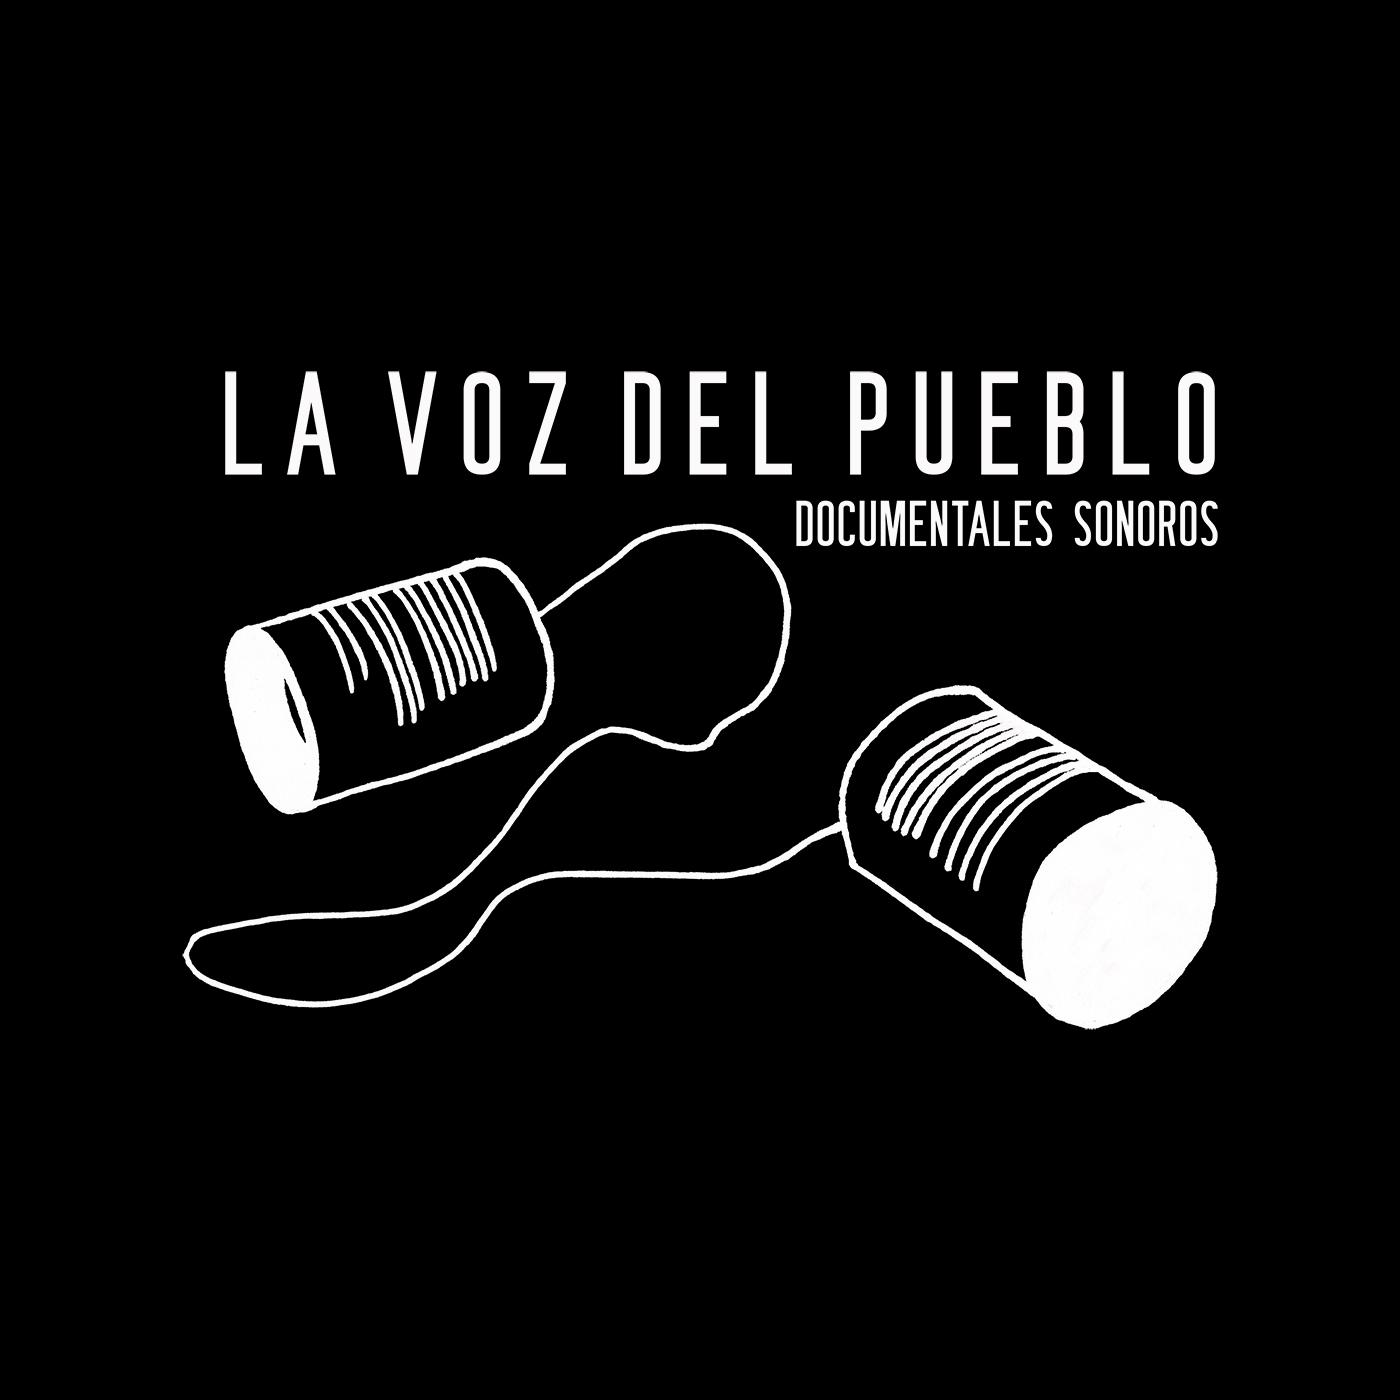 """#LaVozDelPueblo - Un podcast narrativo sobre distintas fuerzas y perspectivas sobre el """"ser pueblo""""."""